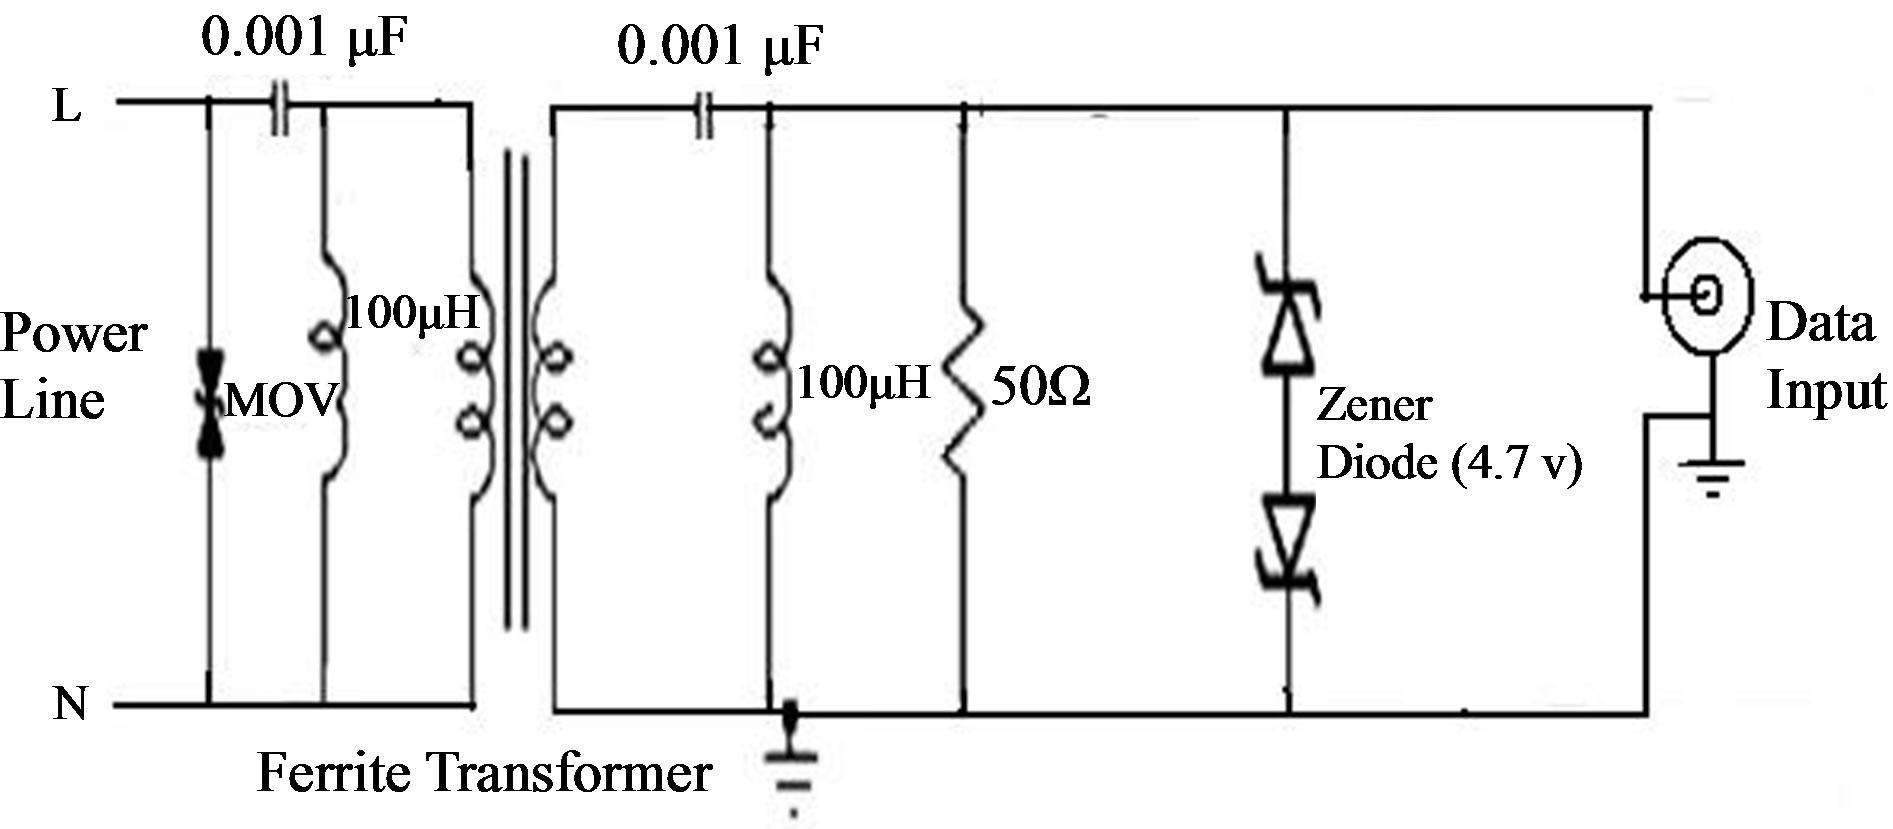 Design Of Bidirectional Coupling Circuit For Broadband Power Line Zener Low Voltage Coupler